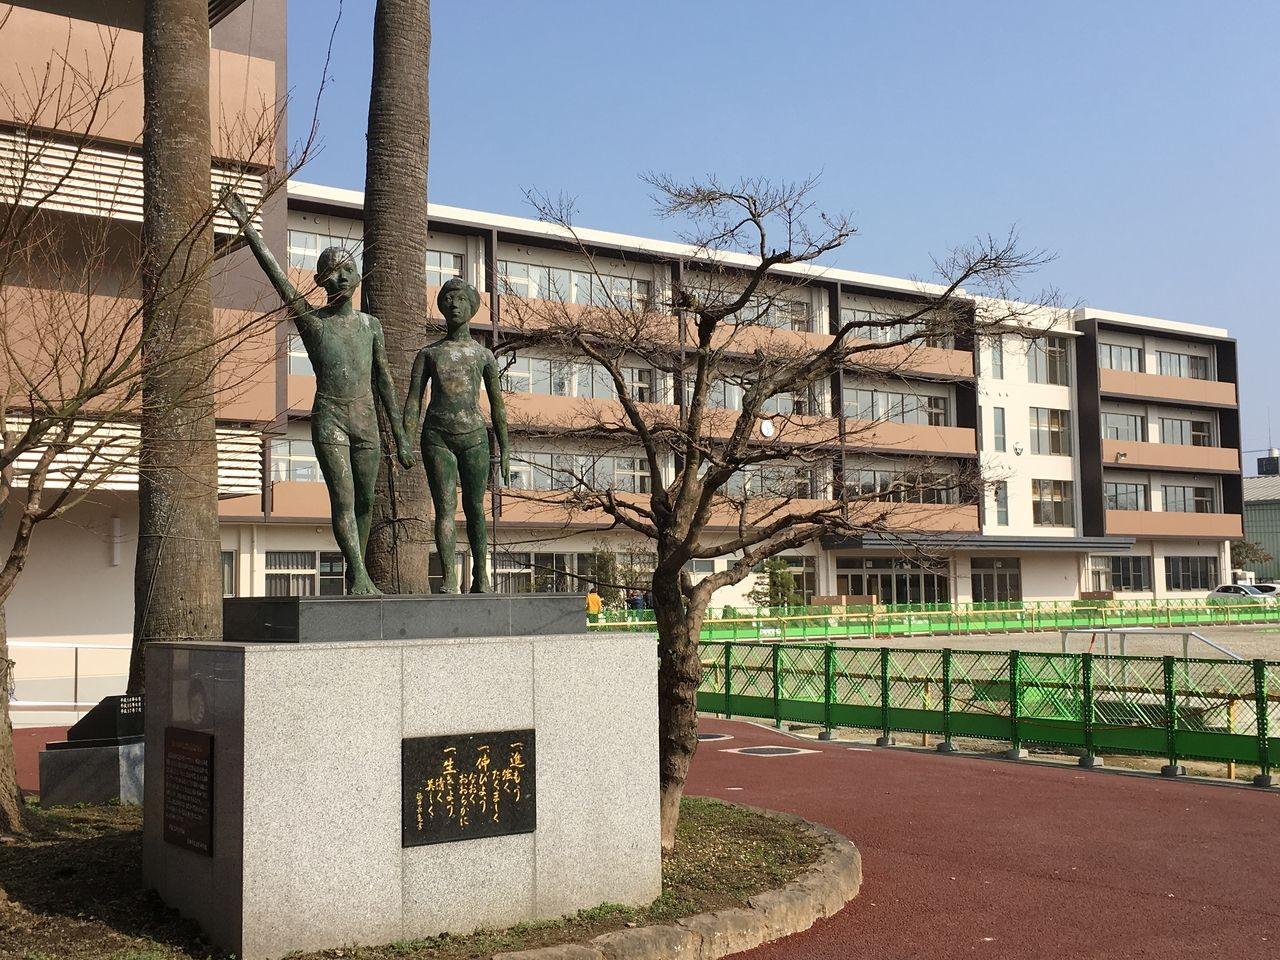 旧校舎の頃からある校訓の記載されて記念像と新校舎